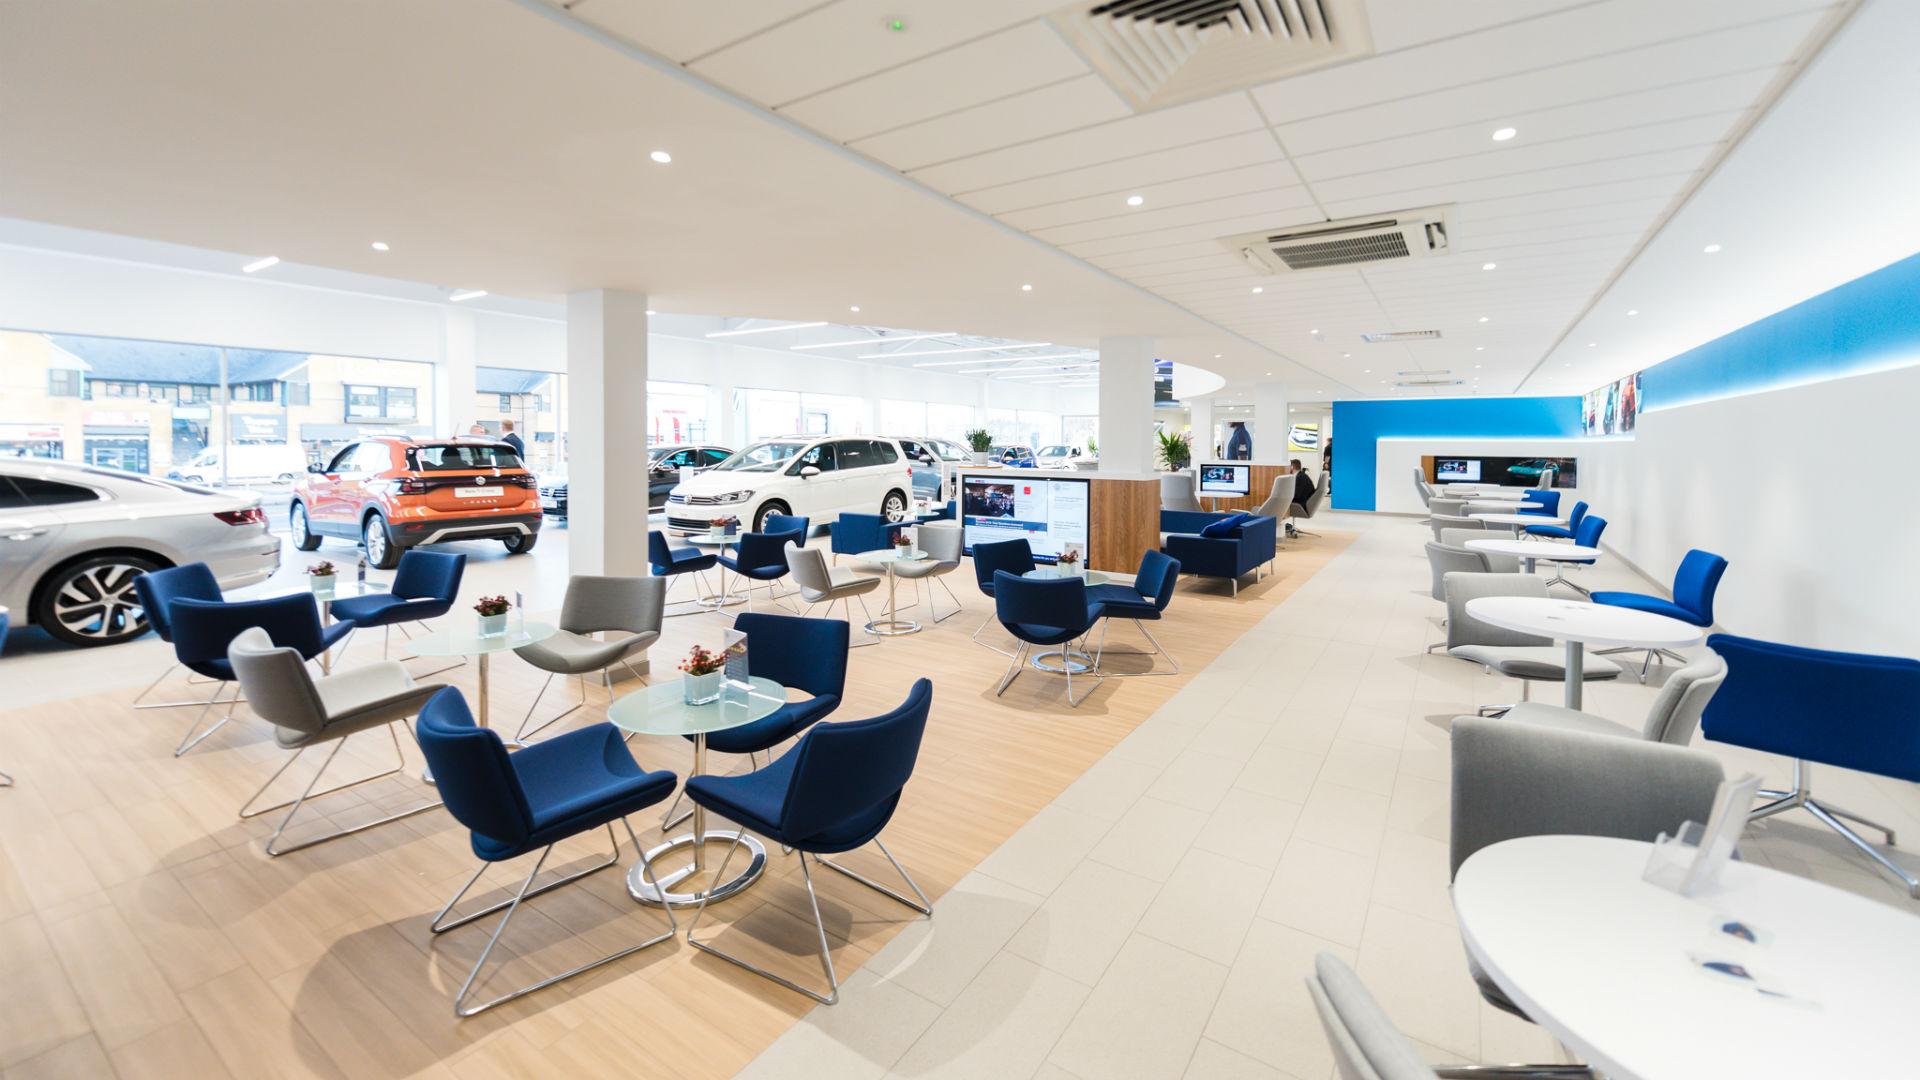 Volkswagen showroom of the future